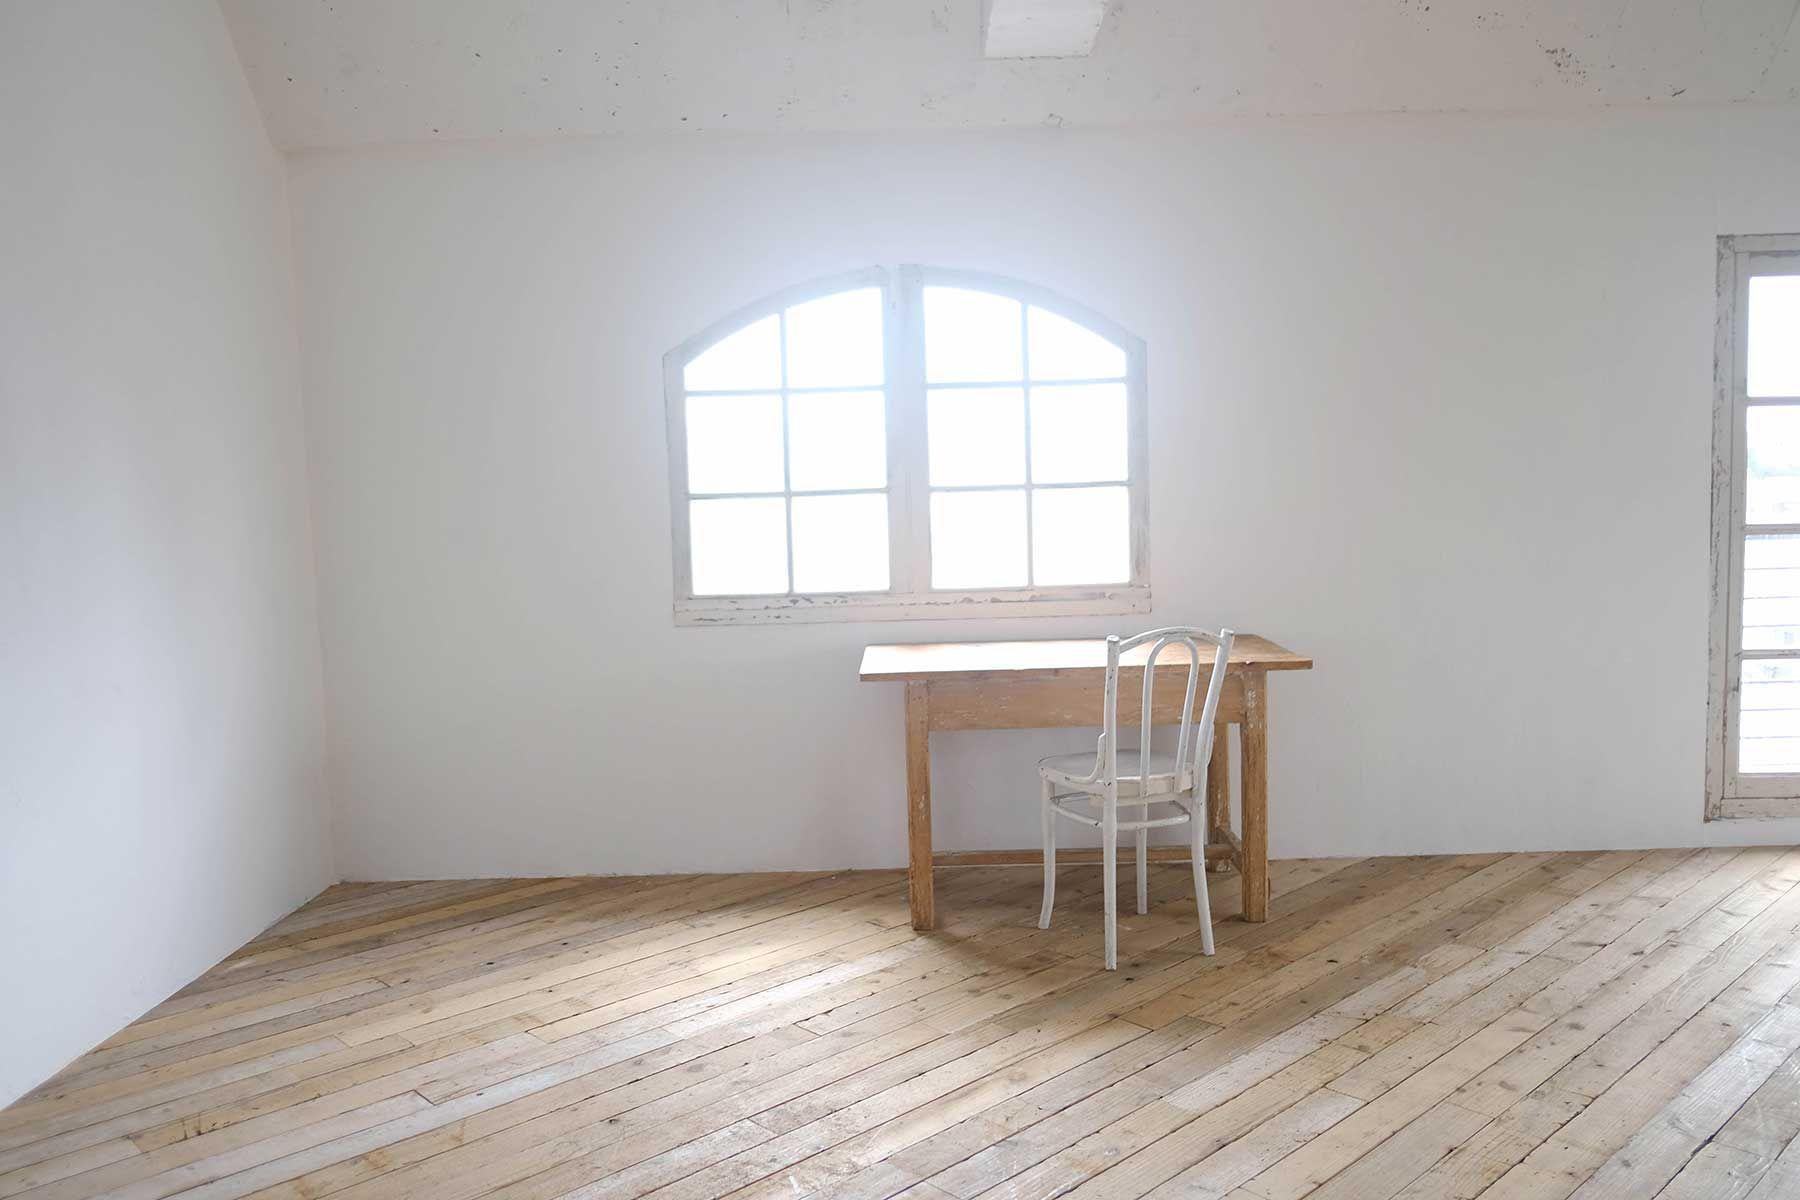 studio Dix (ディクス)恵比寿5F